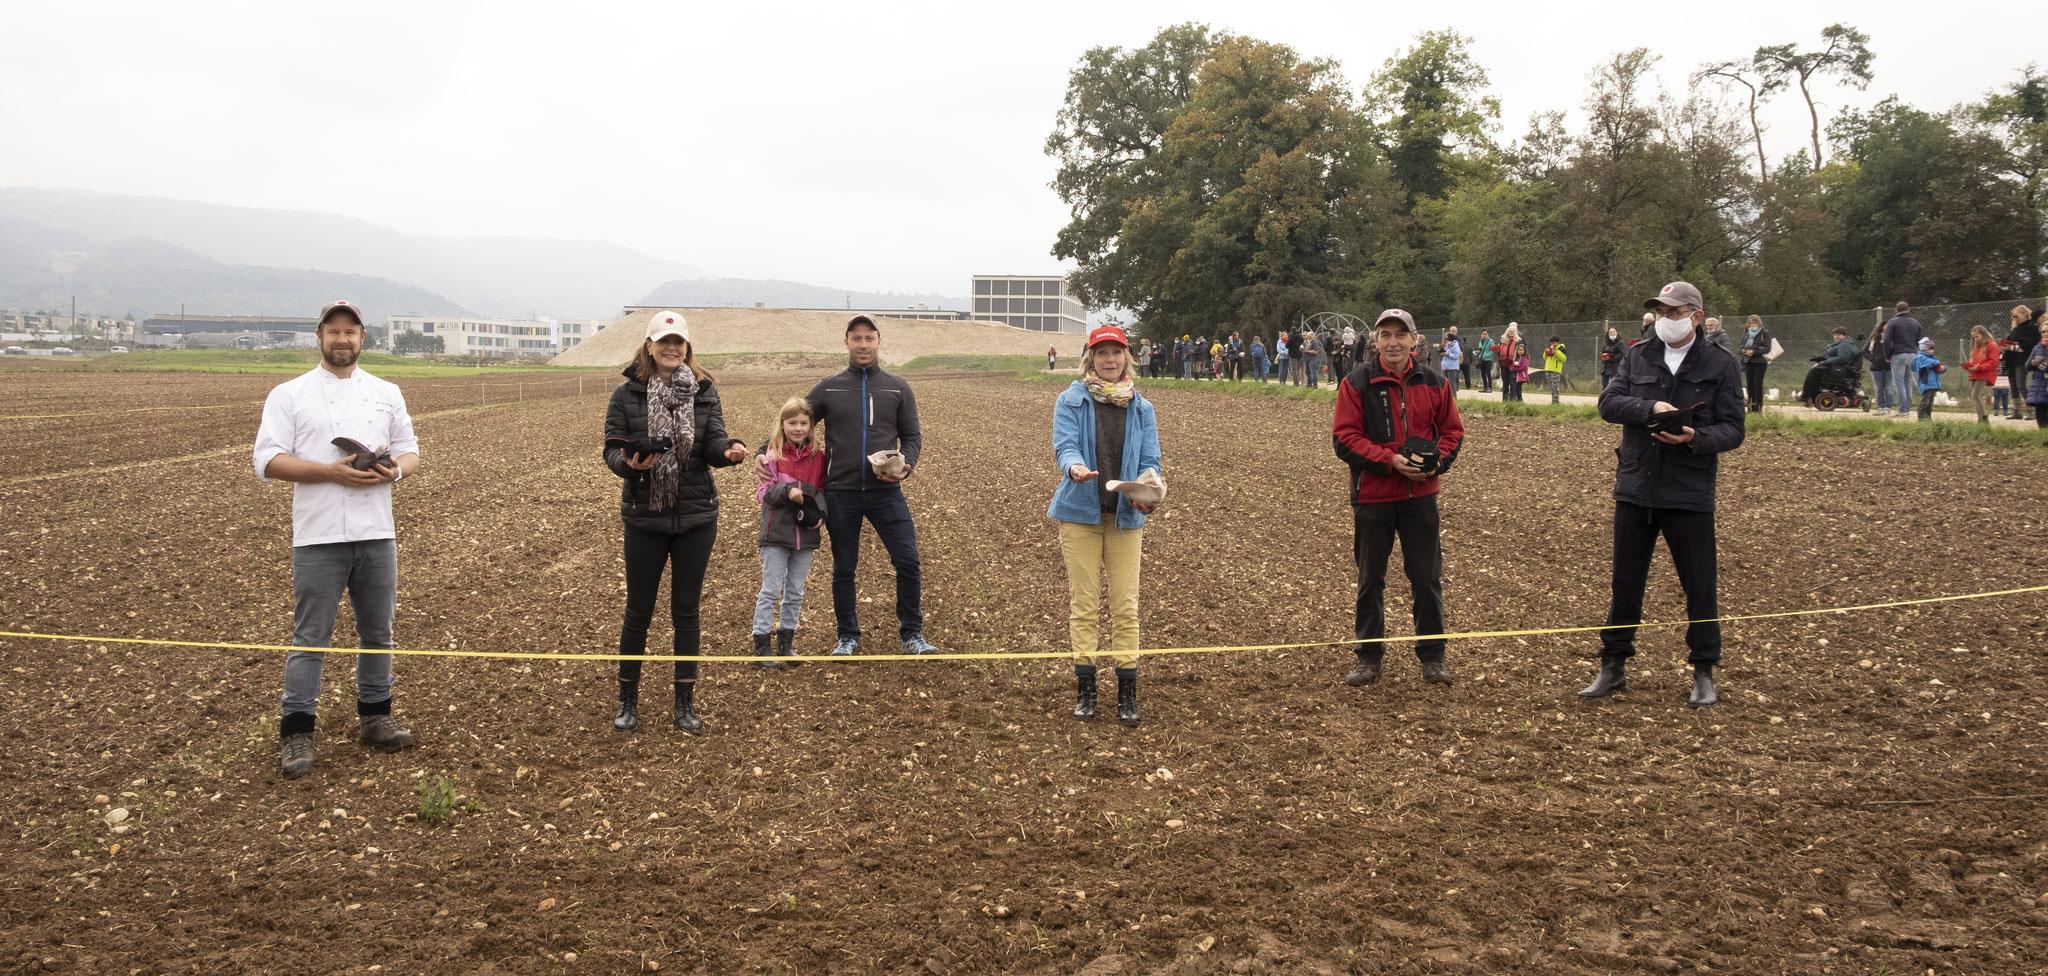 Andre Grellinger (Bäcker), Florence Develey (ref.Pfarrerin), Sämi Graf(Mühle Graf), Maya Graf (Ständerätin BL), Christian Schürch (Landwirt), Alex Maier (kath. Pfarrer)